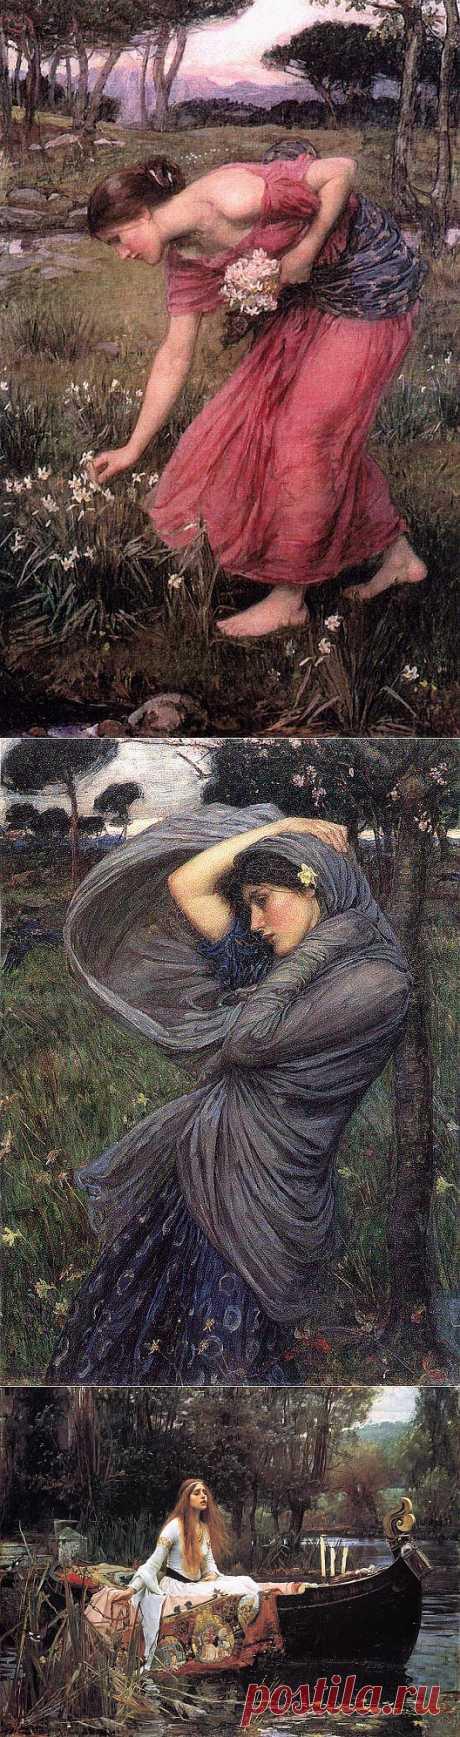 John William Waterhouse .  Самый известный художник Великобритании. Очень интересные картины!!!